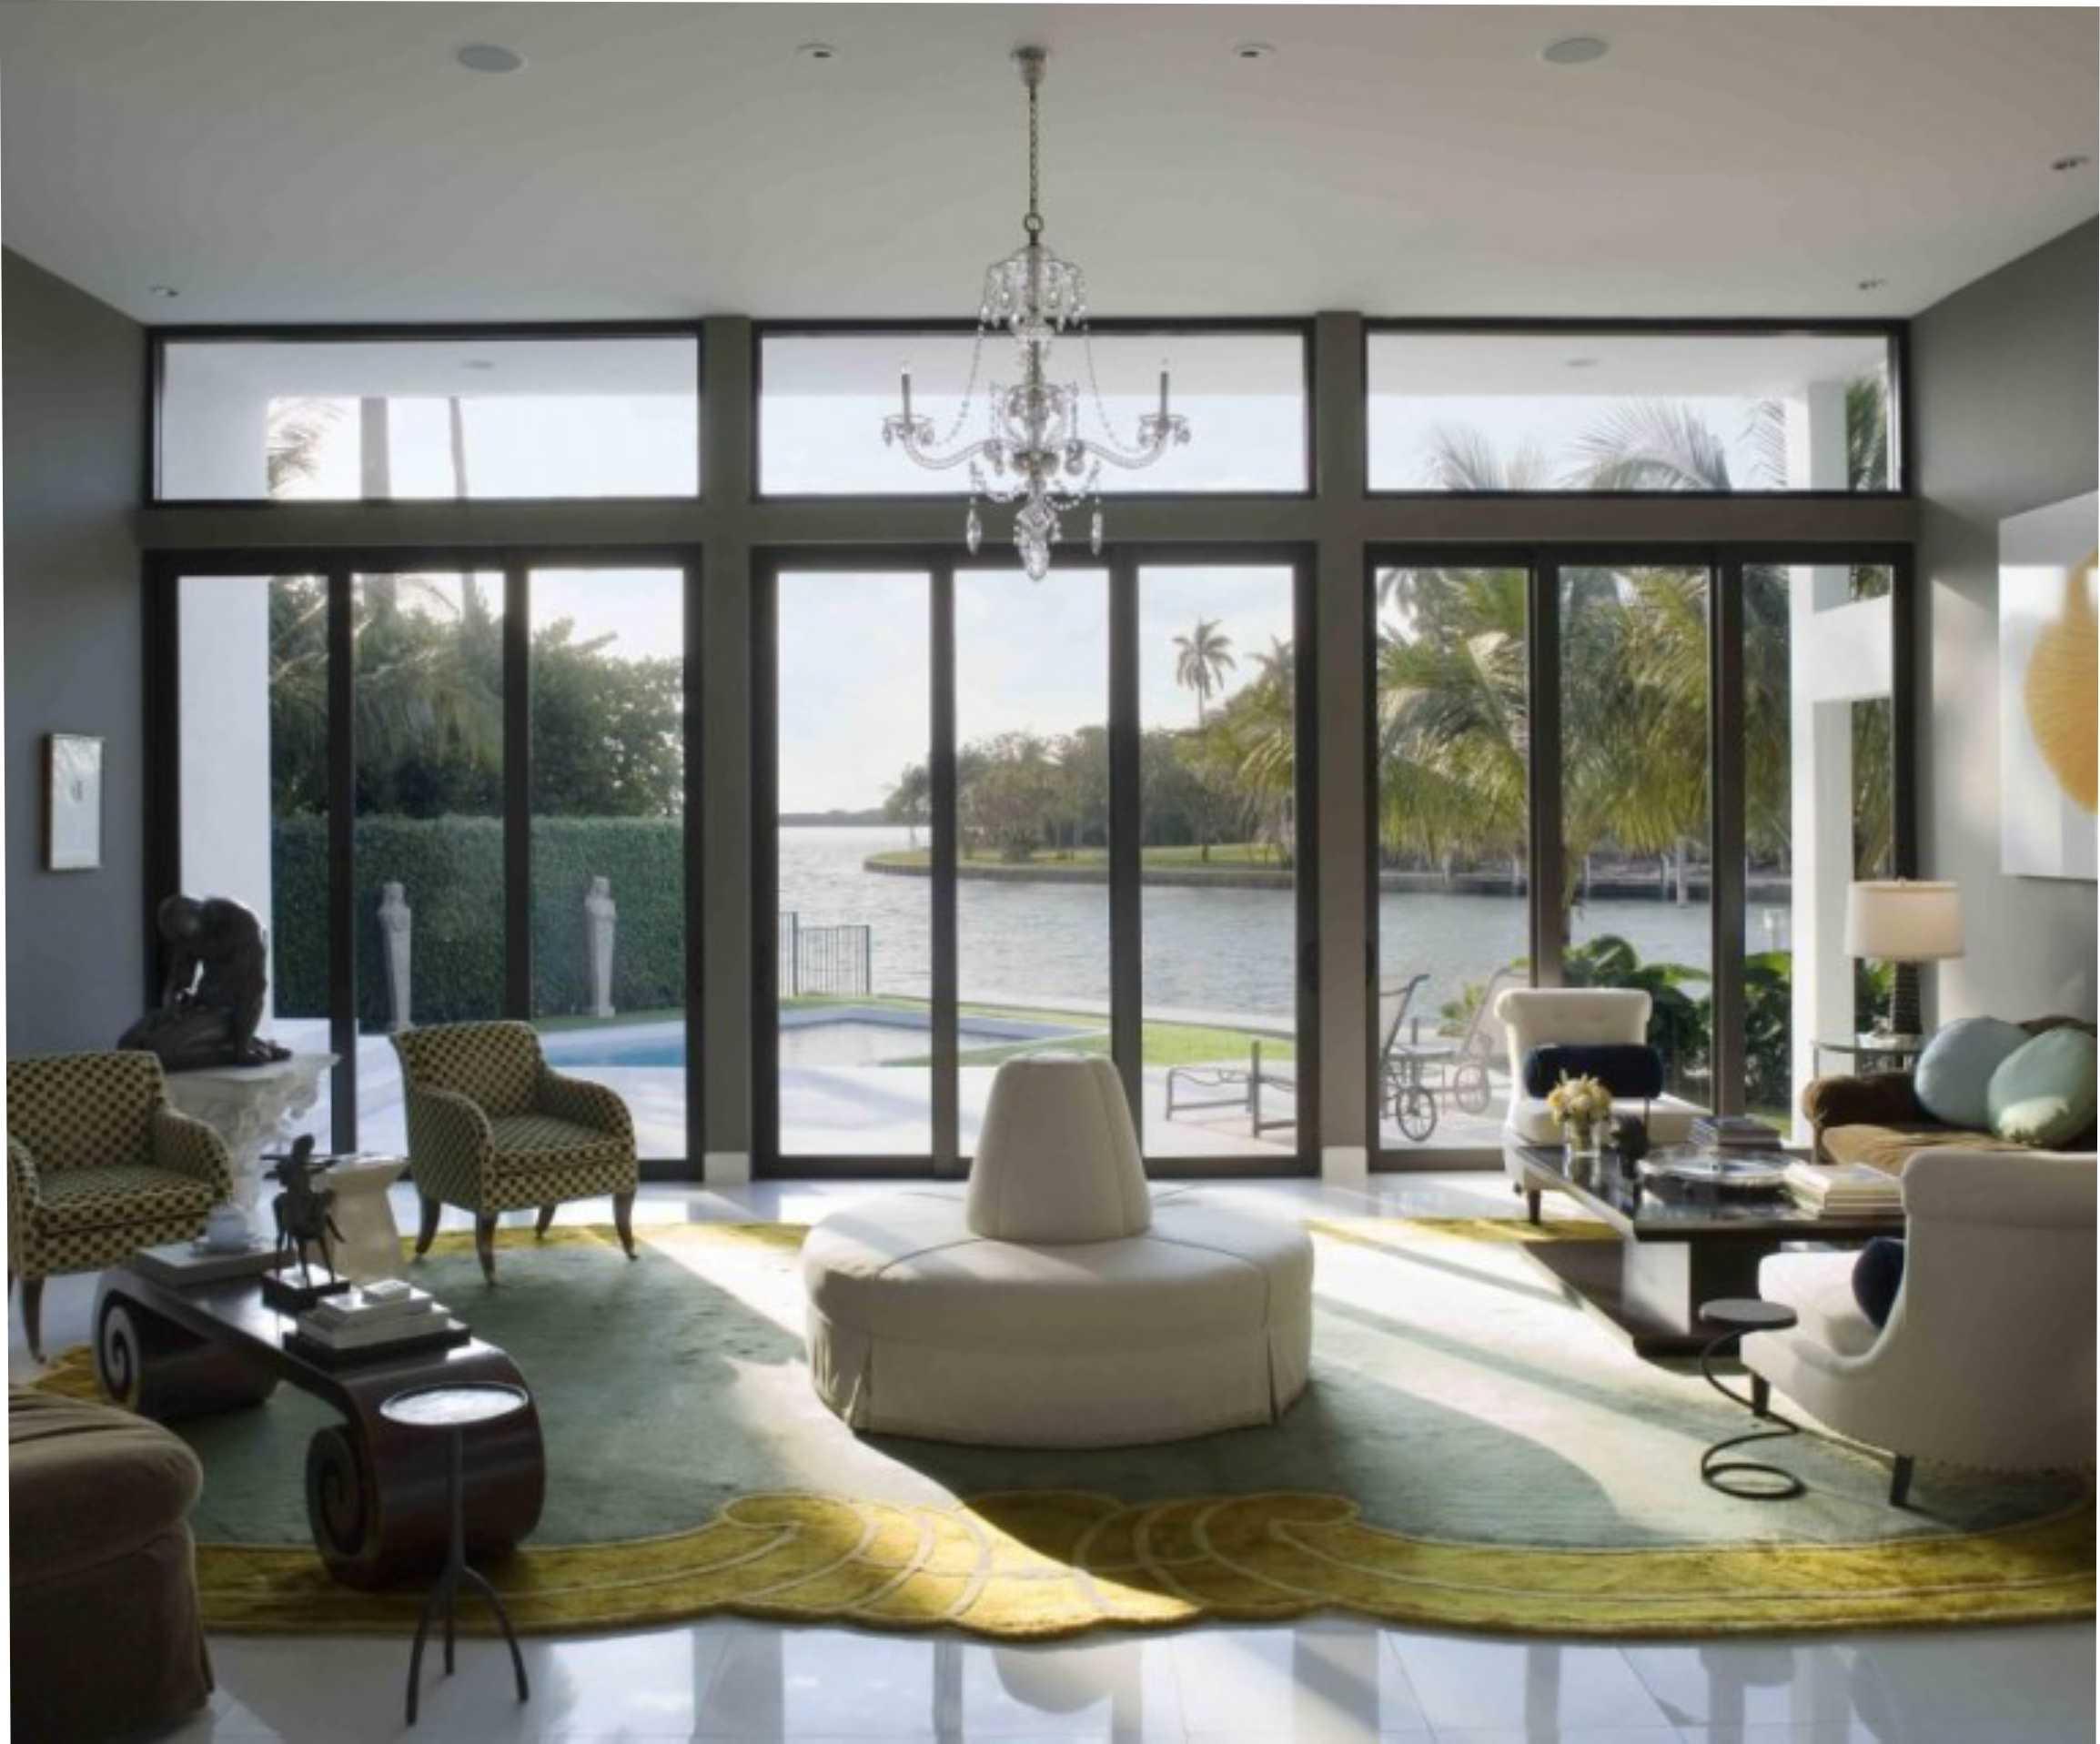 Egy ilyen szép nagy ablakon csak úgy áramlanak be az energiák. De még egy ilyen szobát is elronthatunk a nem megfelelő berendezéssel, szinekkel vagy a rendetlenséggel. (kilerd.com)